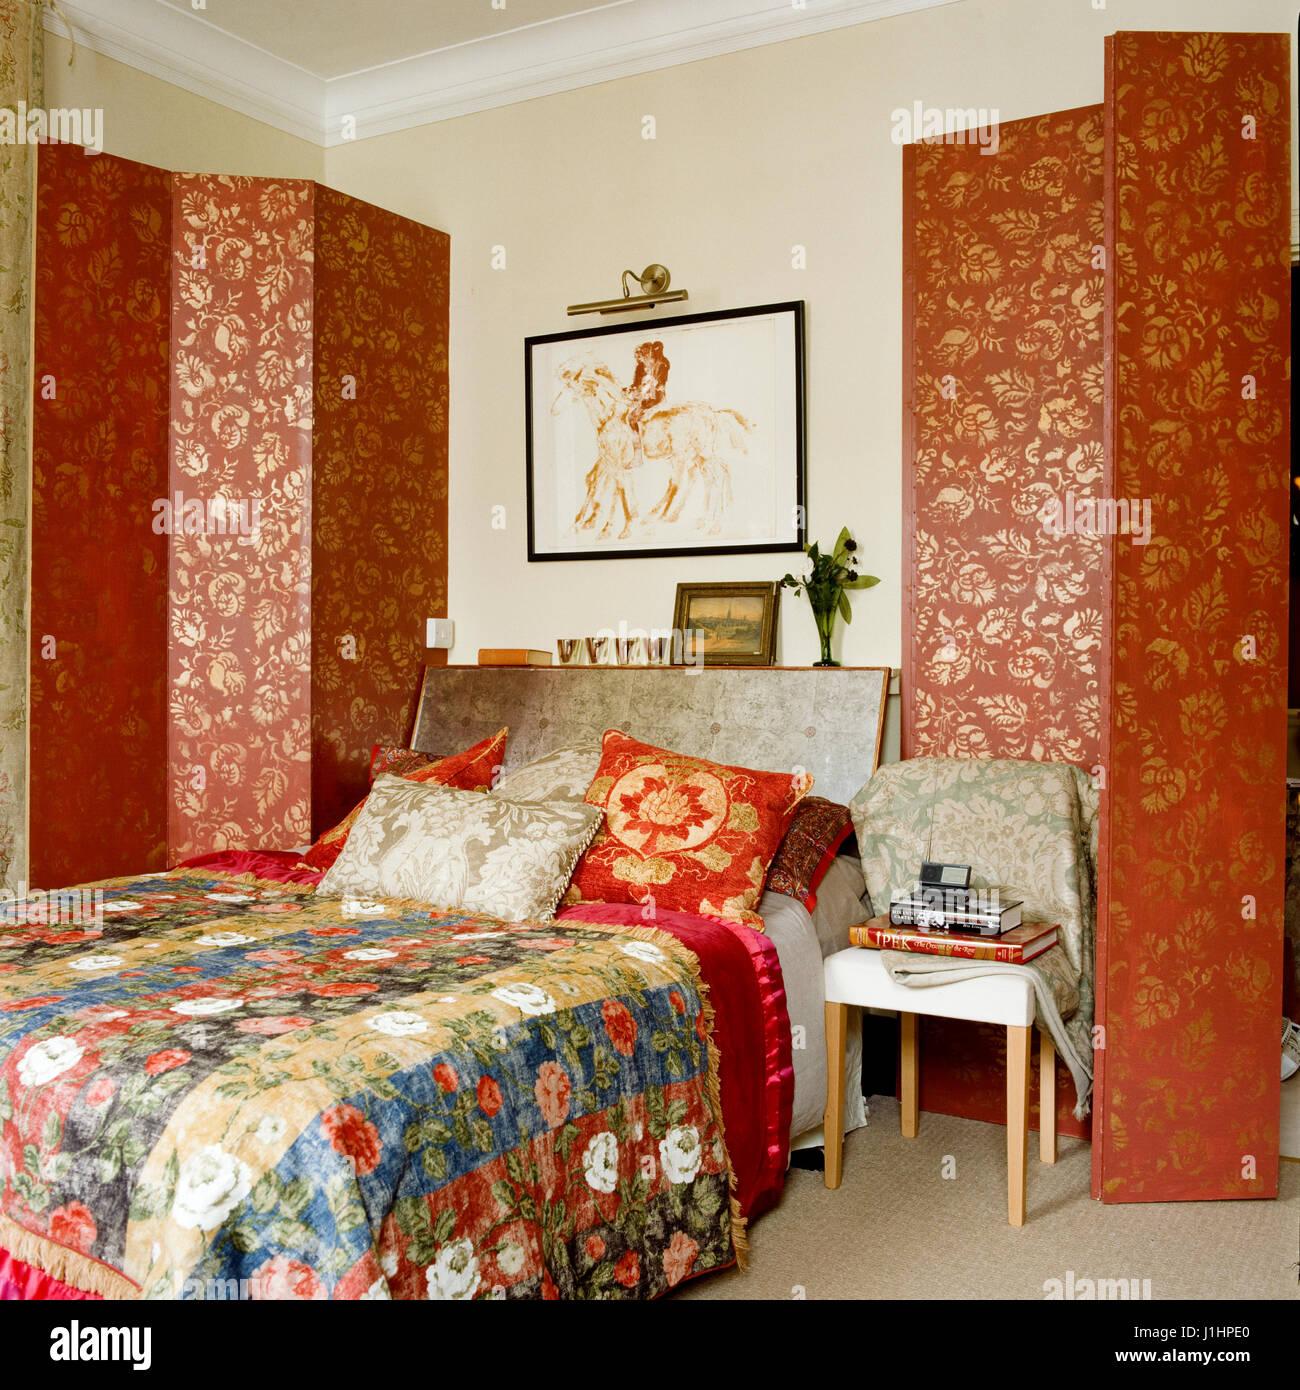 Orientalische Schlafzimmer | Orientalisches Schlafzimmer Stockfoto Bild 138688424 Alamy